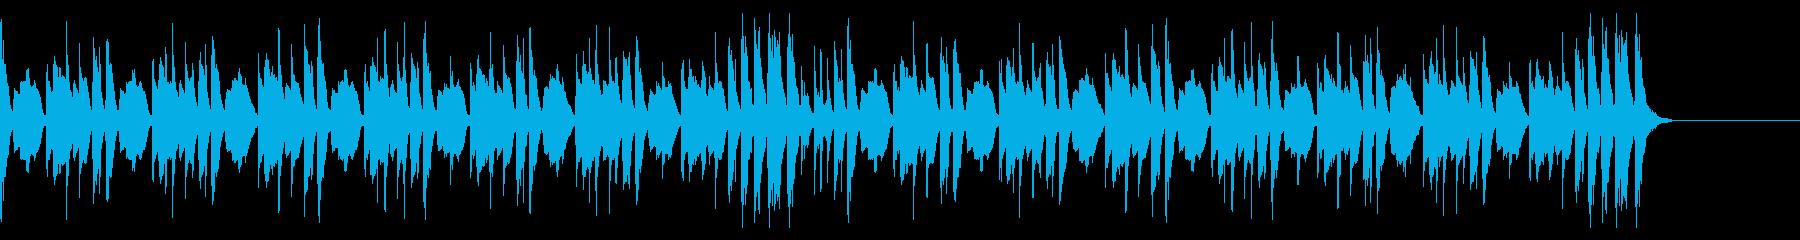 ほのぼのとしたマリンバのリズミカルな音楽の再生済みの波形